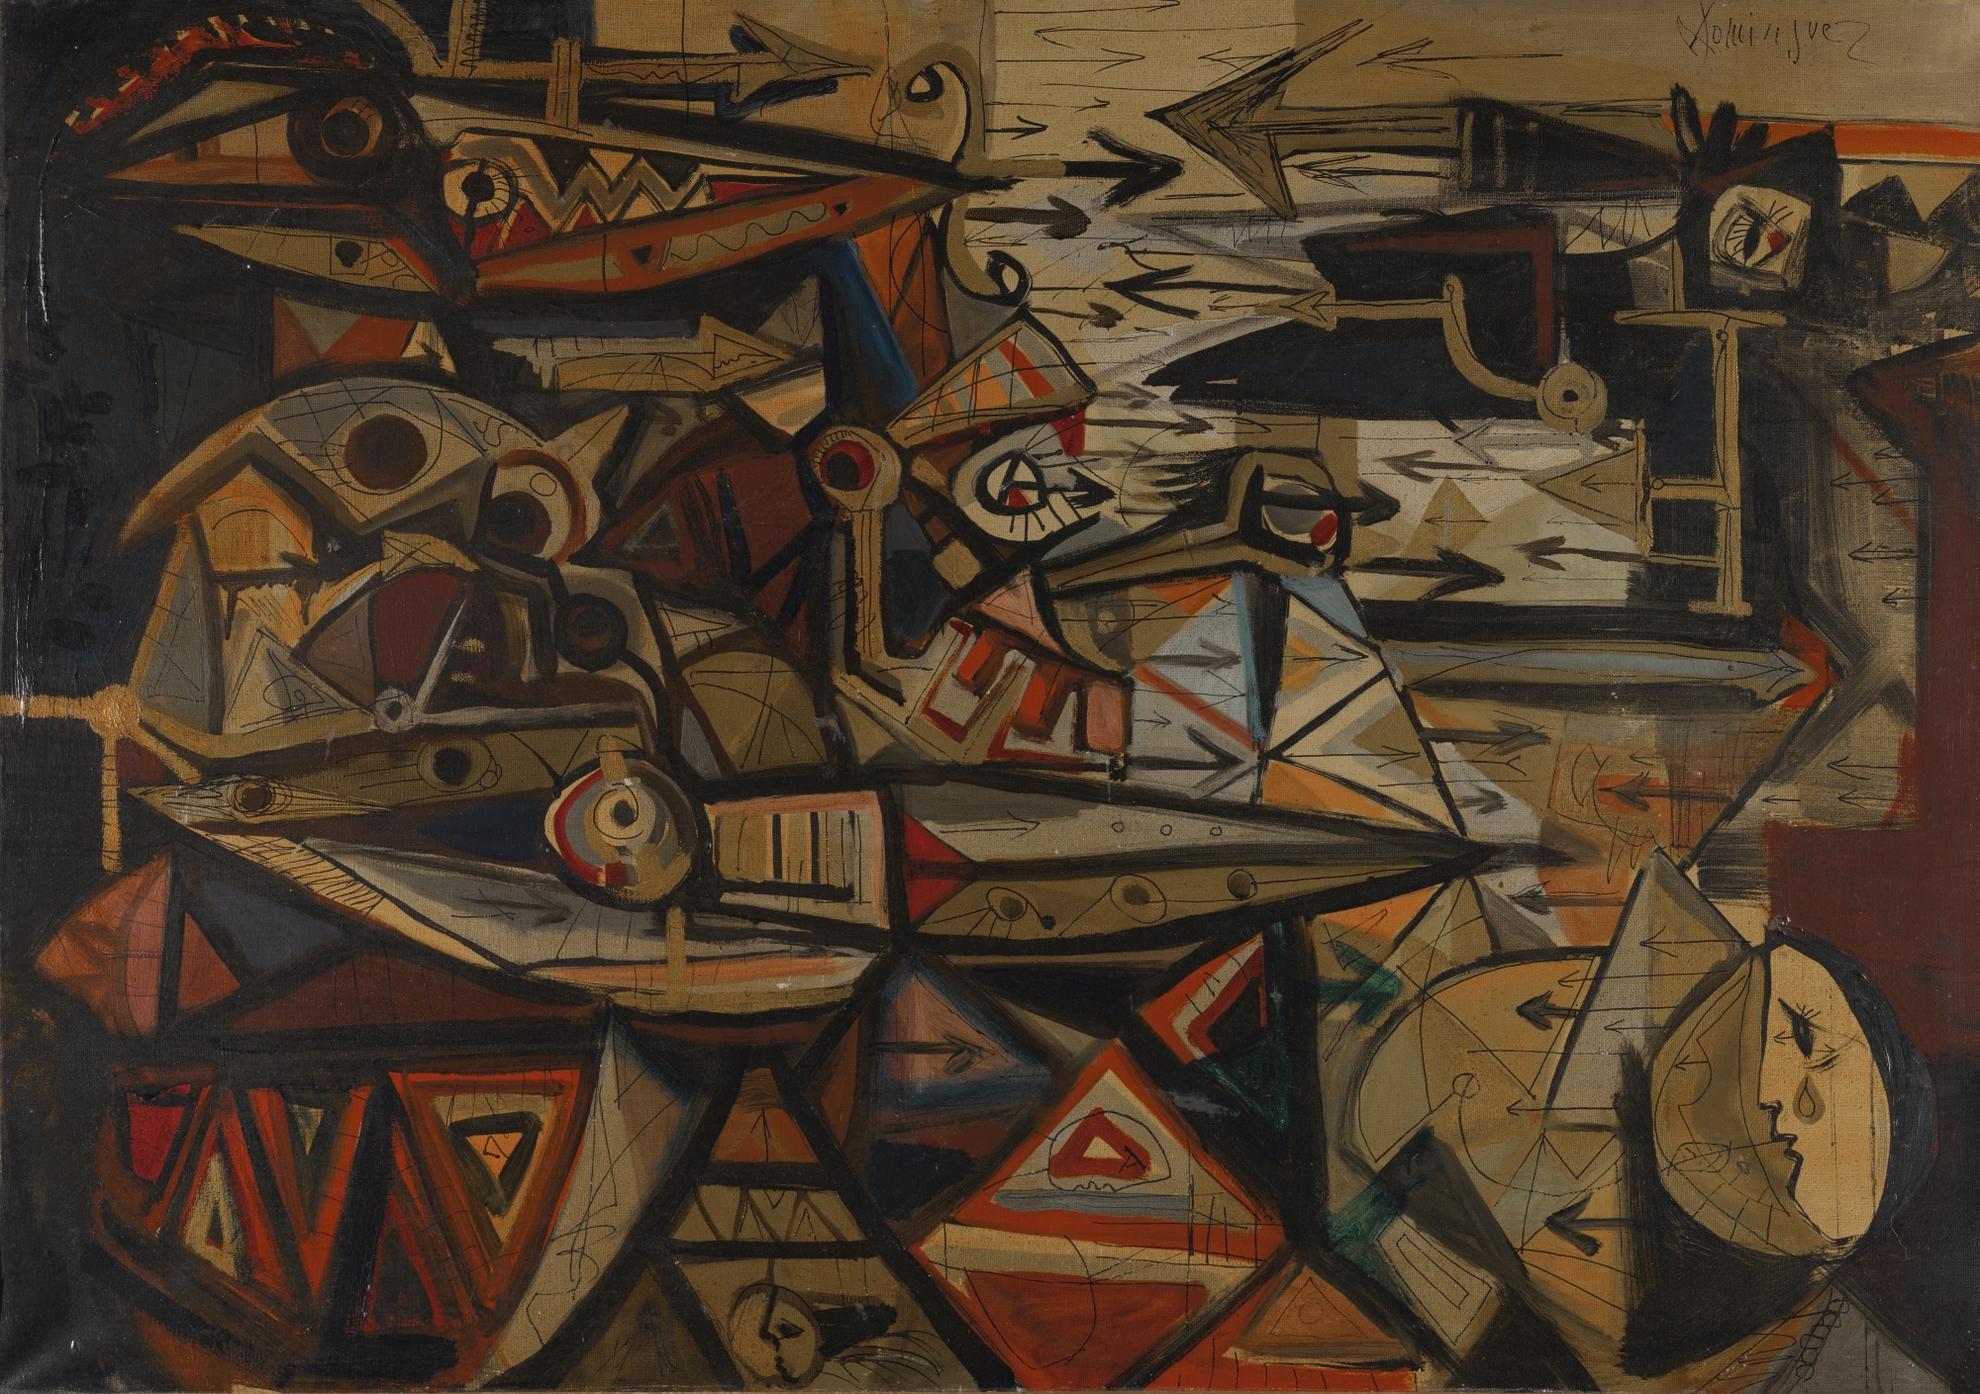 Oscar Dominguez-Batalla Or La Vole Lion (The Battle Or The Fighting Lion)-1940